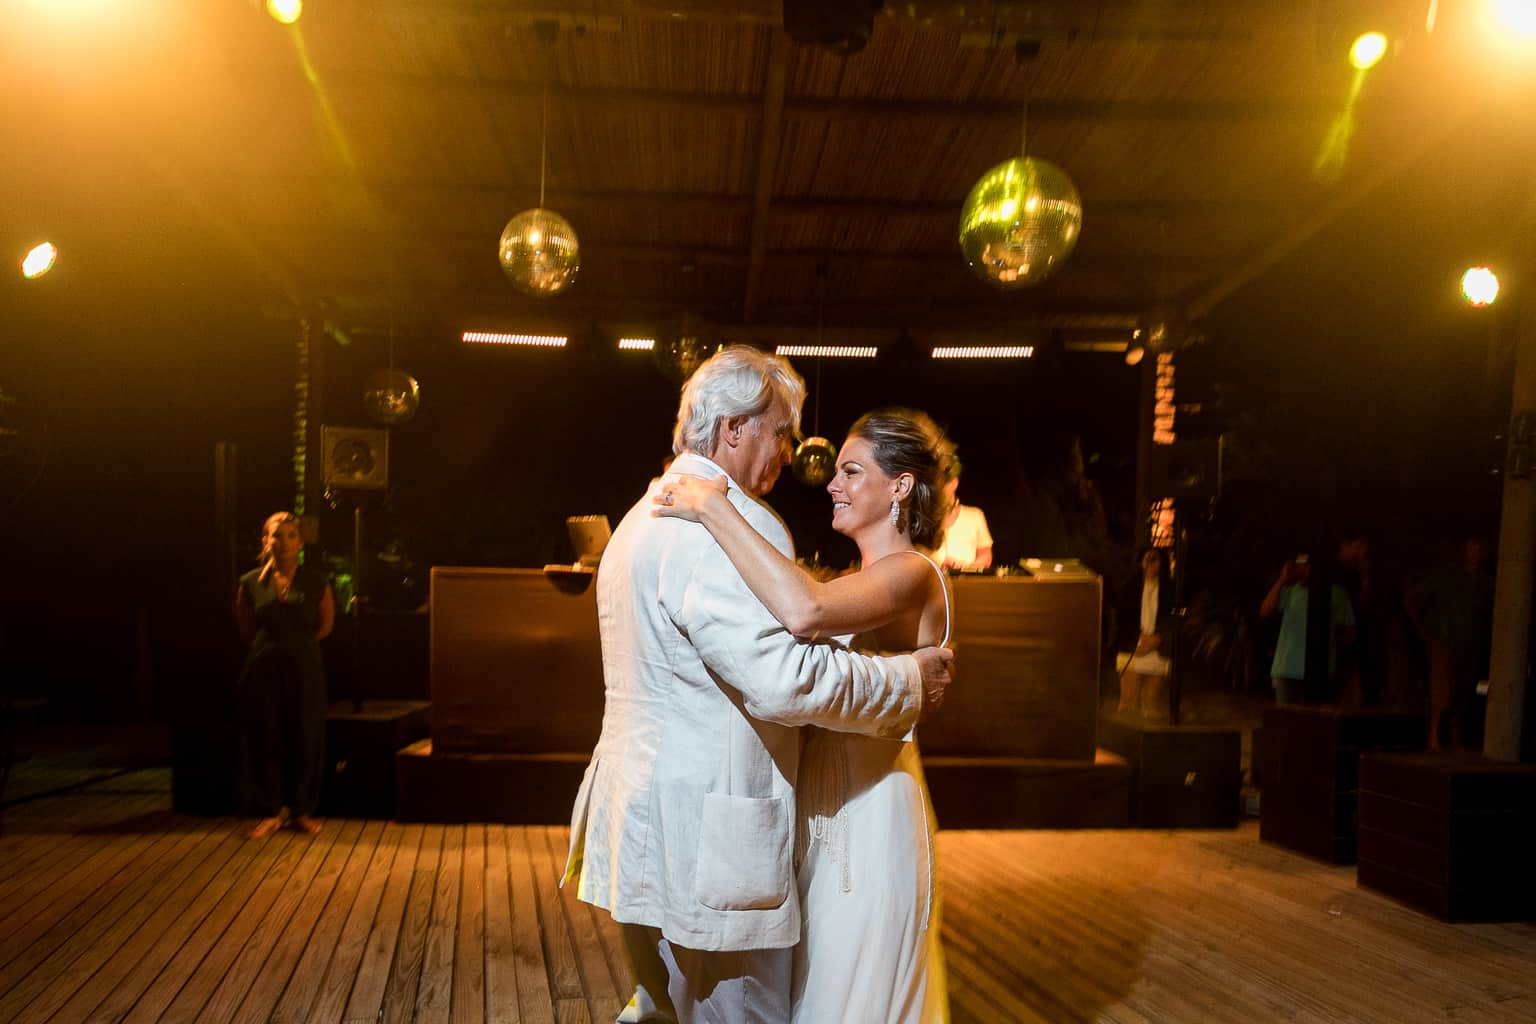 Casamento-Victoria-e-Christian-Fotografia-Tiago-Saldanha-Festa839_MG_2187